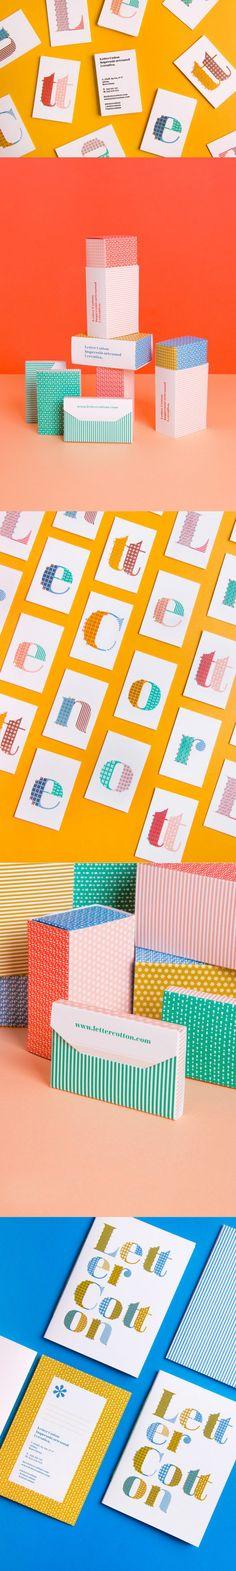 18 incredible branding design